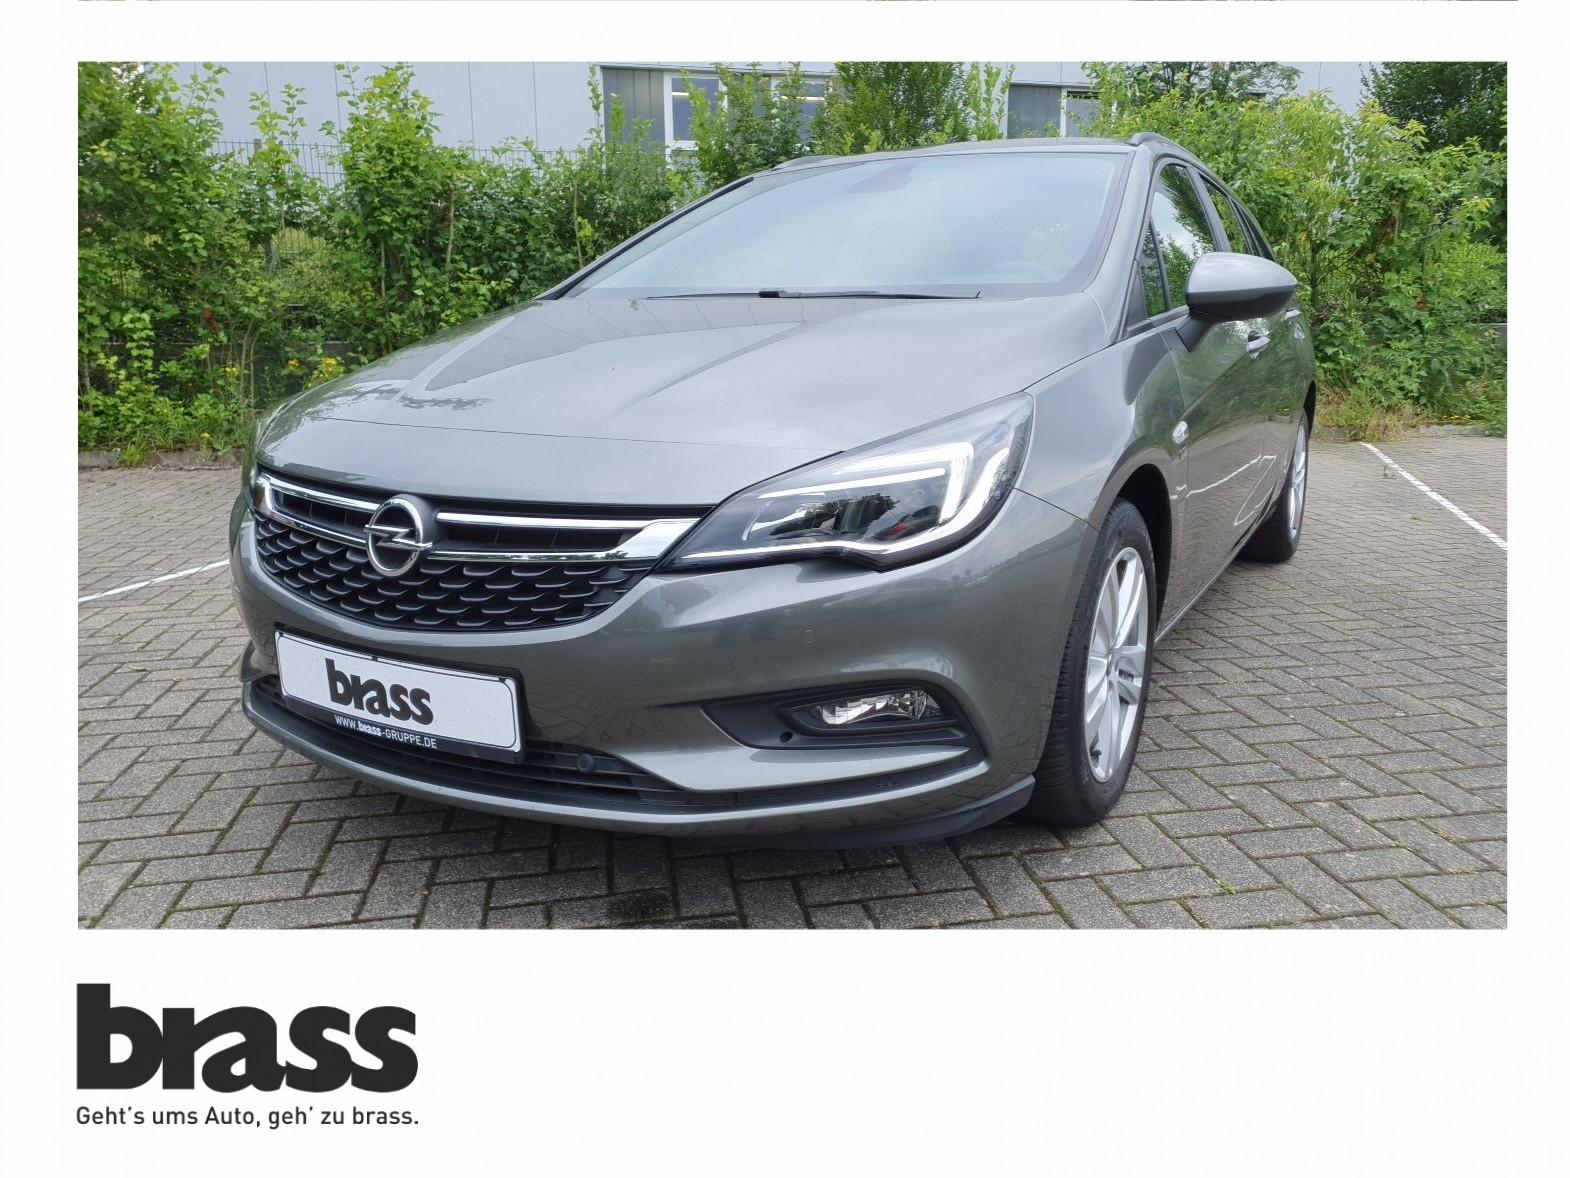 Opel Astra K 1.4 Turbo 120 Jahre (EURO 6d-TEMP), Jahr 2019, Benzin